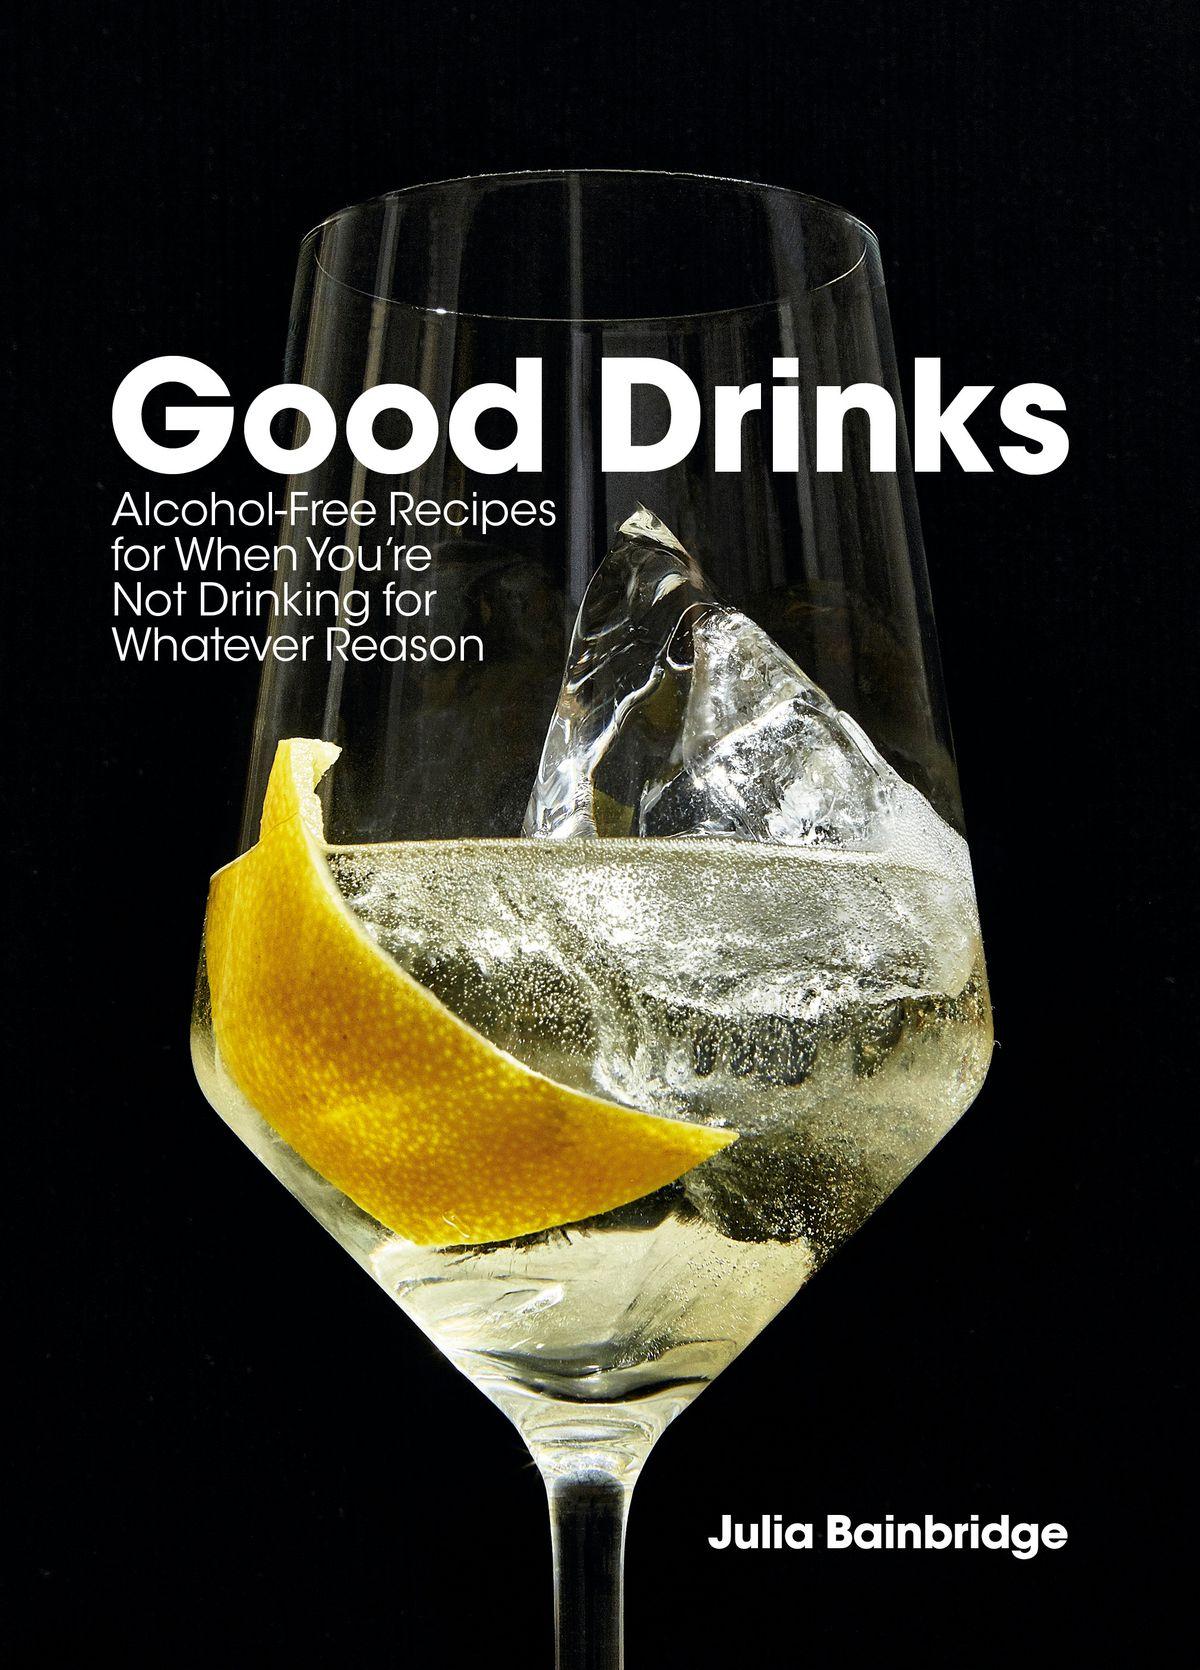 Un verre avec une touche de spriz et de citron sur la couverture de Good Drinks